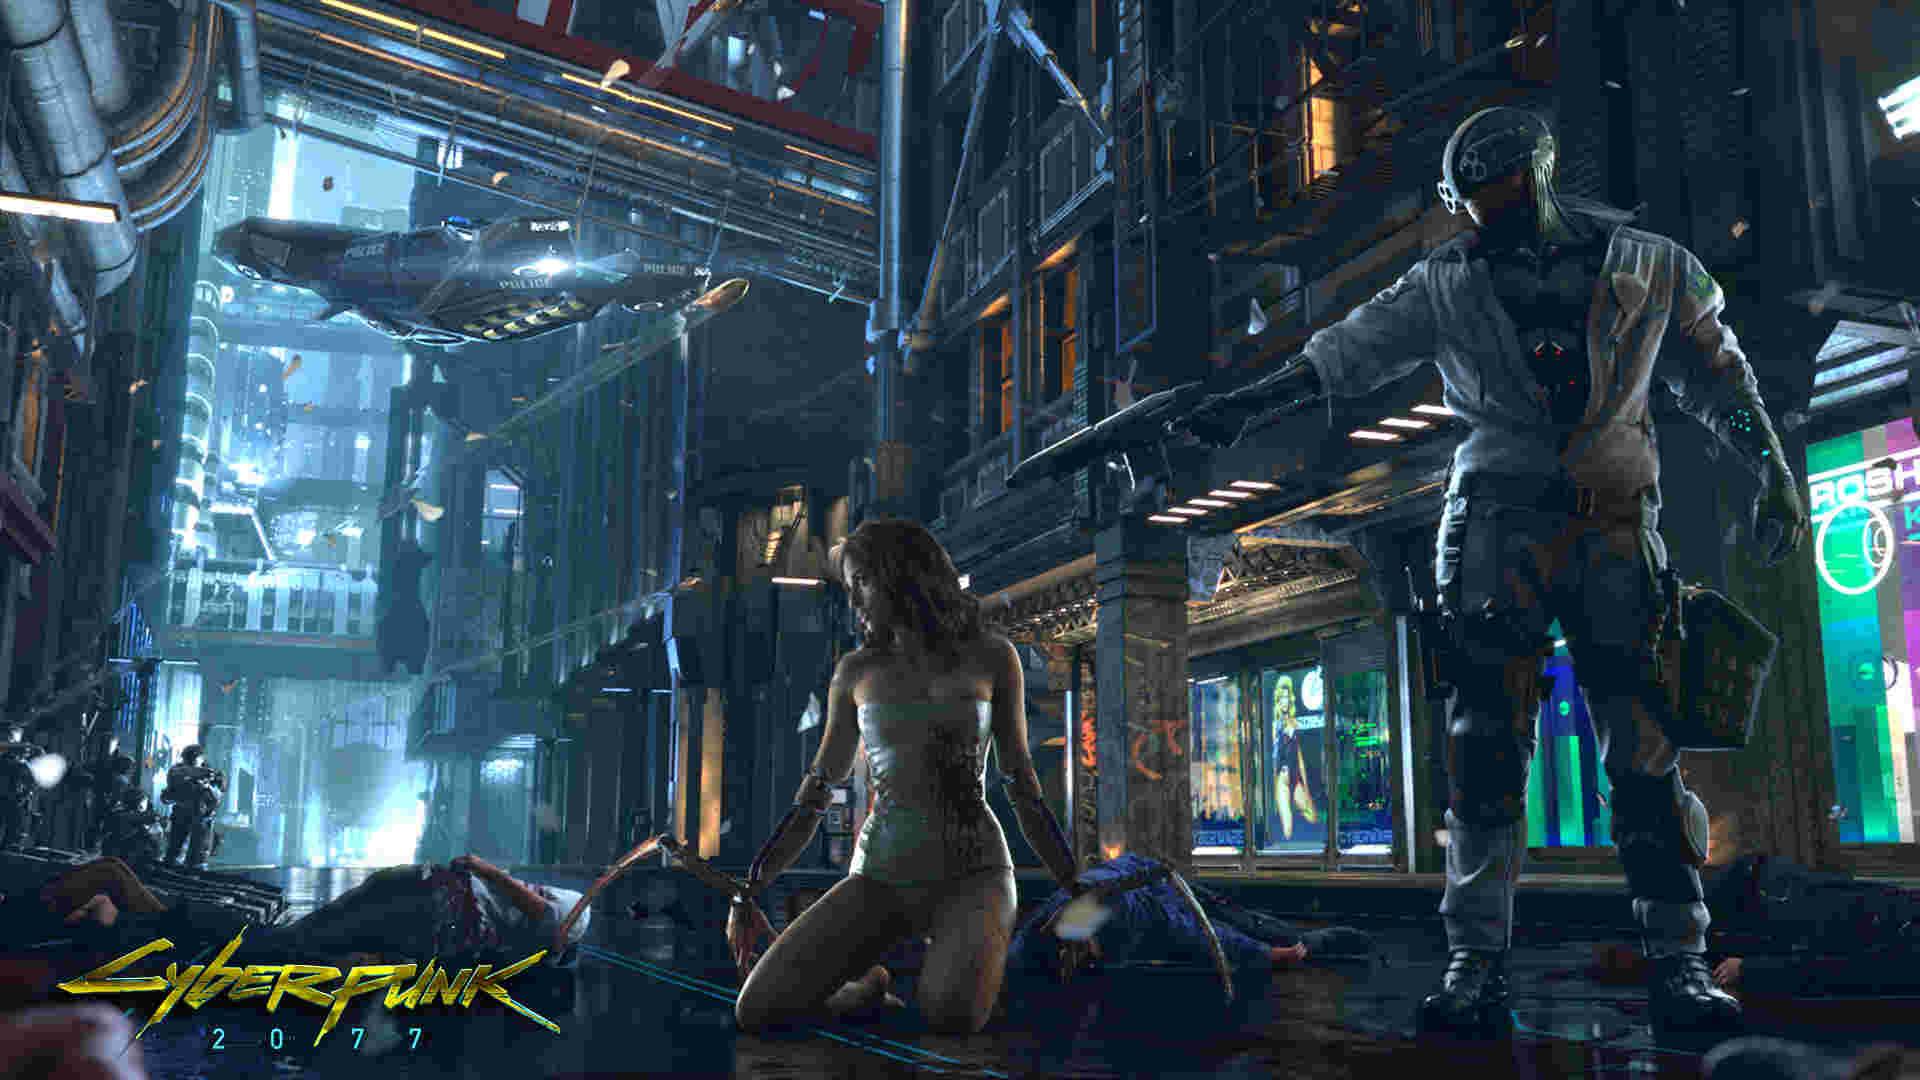 Cyberpunk-2077_8